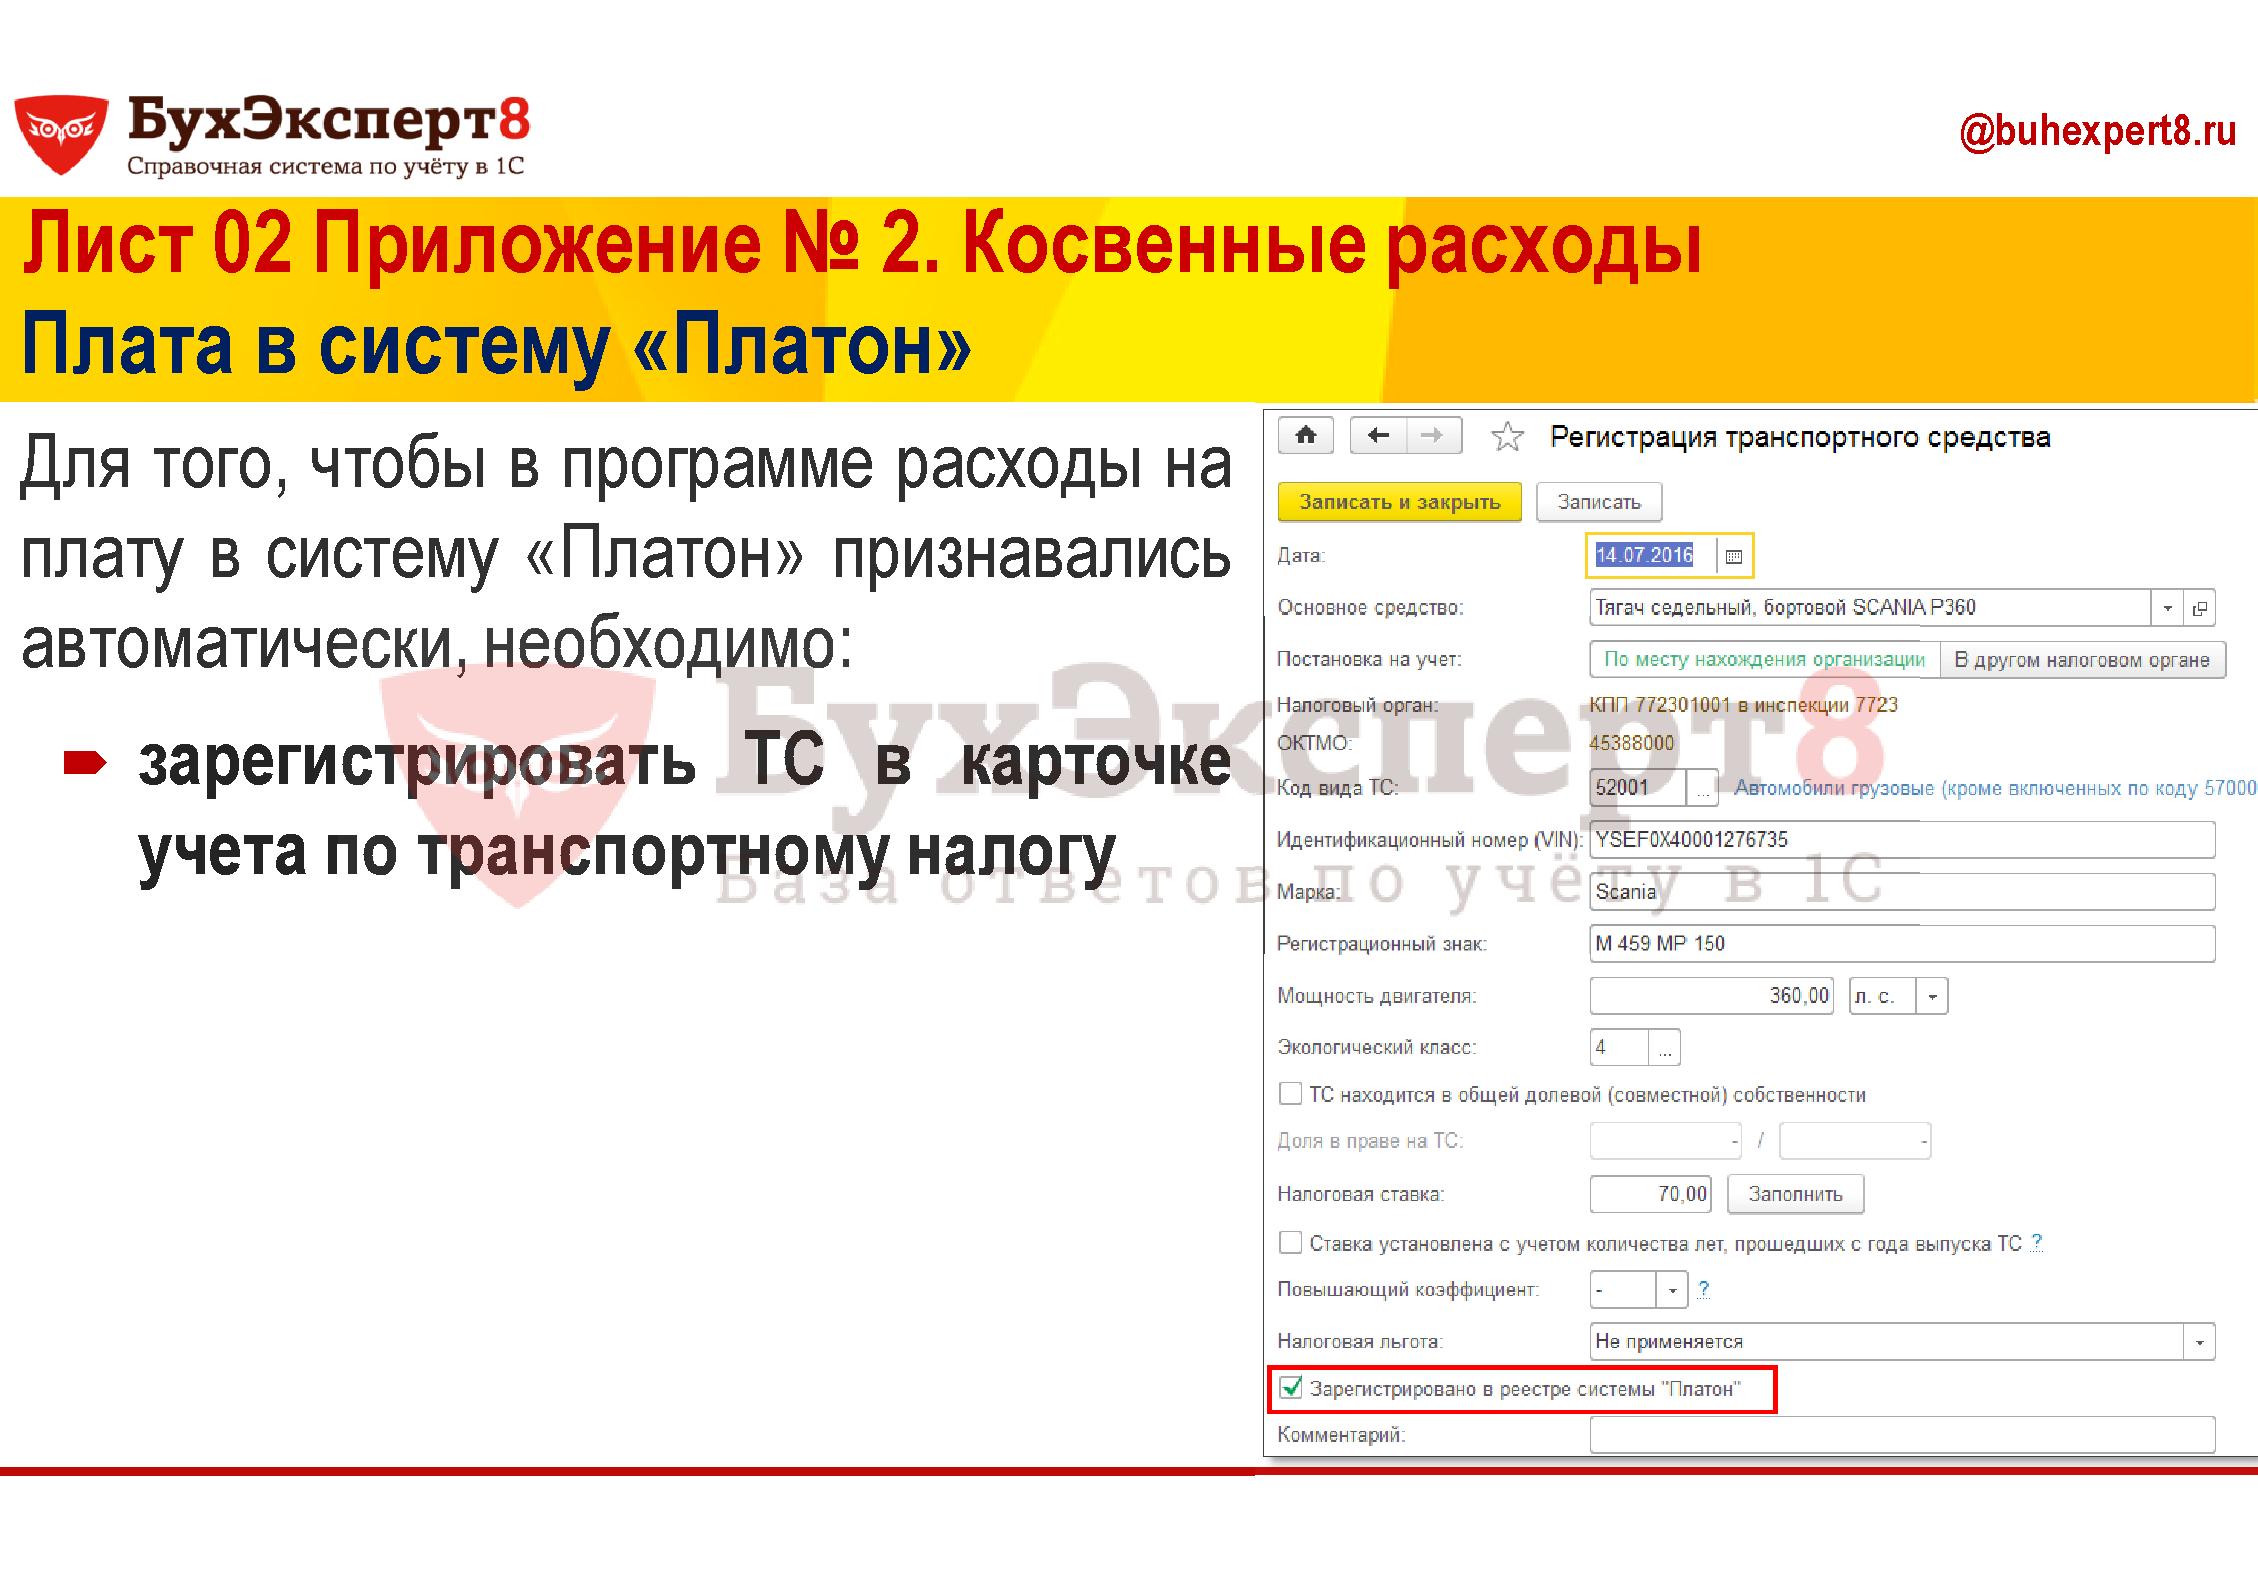 Для того, чтобы в программе расходы на плату в систему «Платон» признавались автоматически, необходимо: зарегистрировать ТС в карточке учета по транспортному налогу